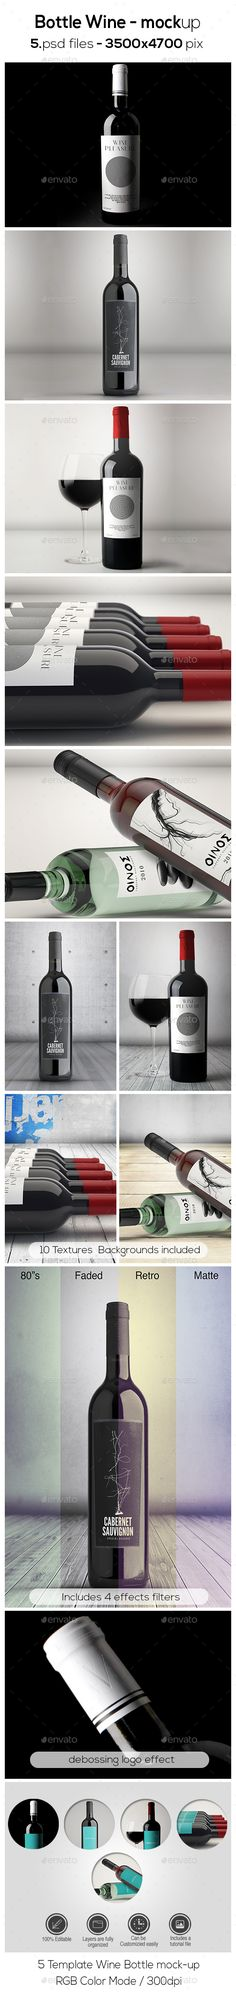 Bottle Wine Mock-up #design Download: http://graphicriver.net/item/bottle-wine-mockup/13641021?ref=ksioks